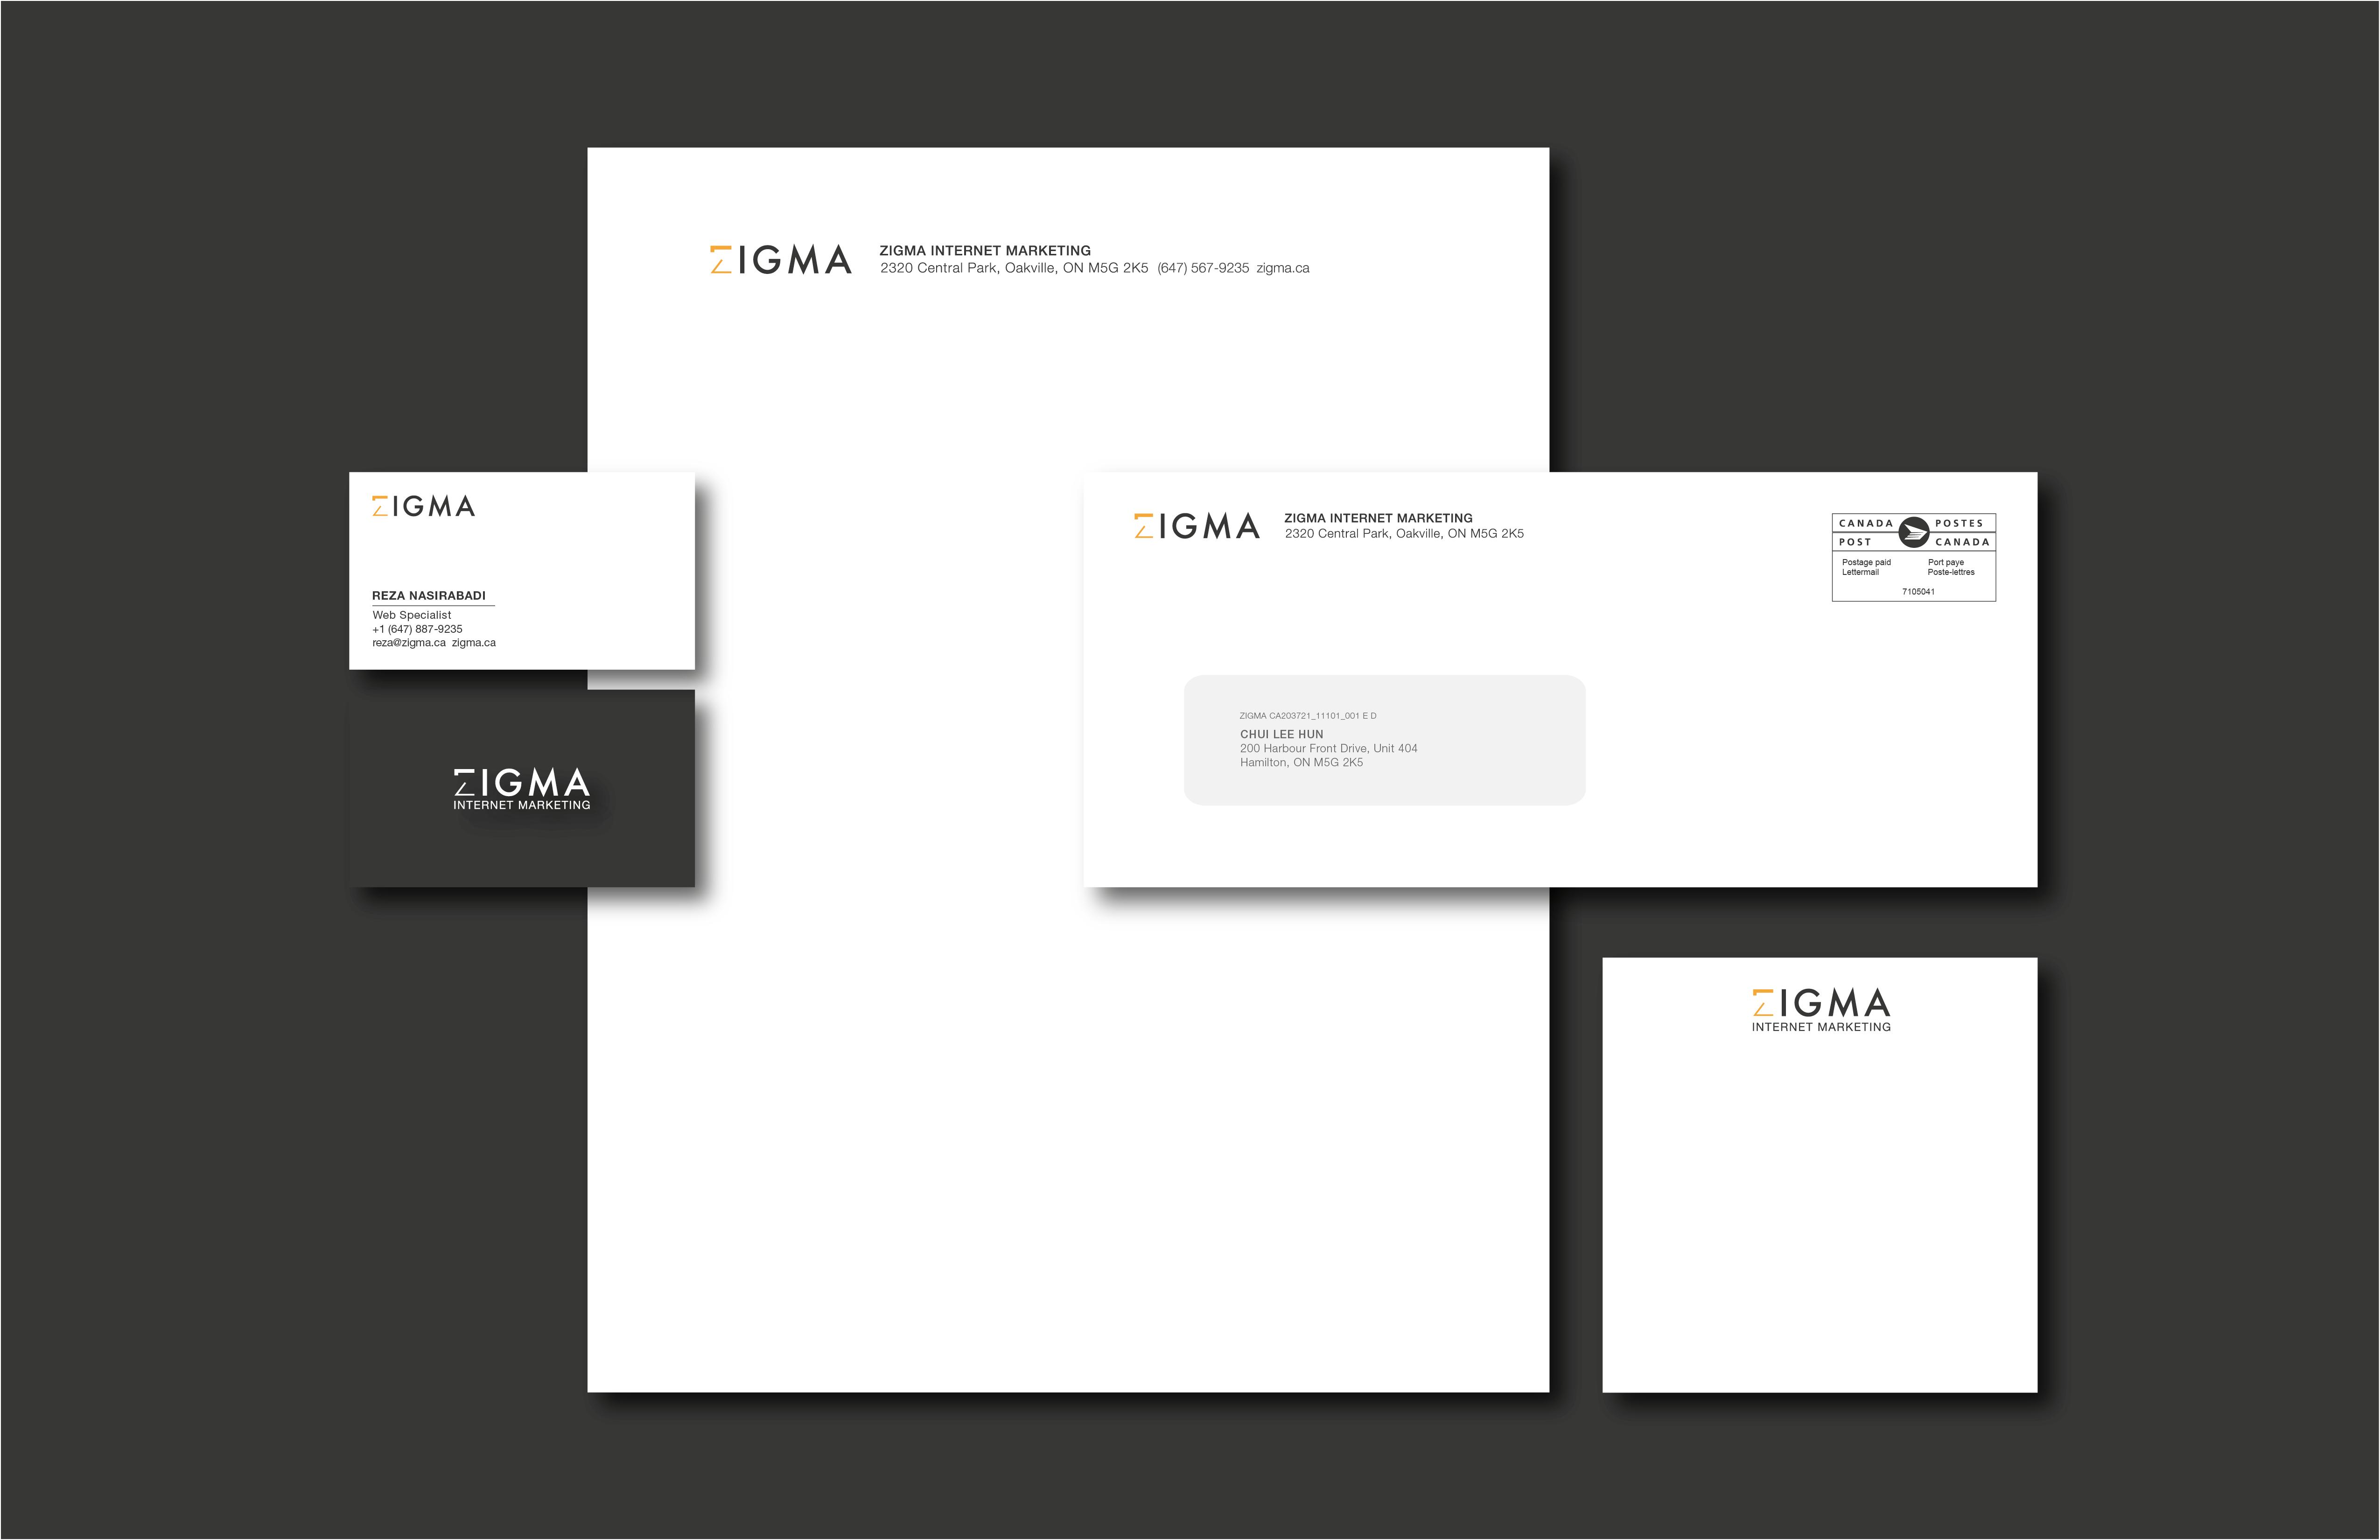 zigma stationery-01